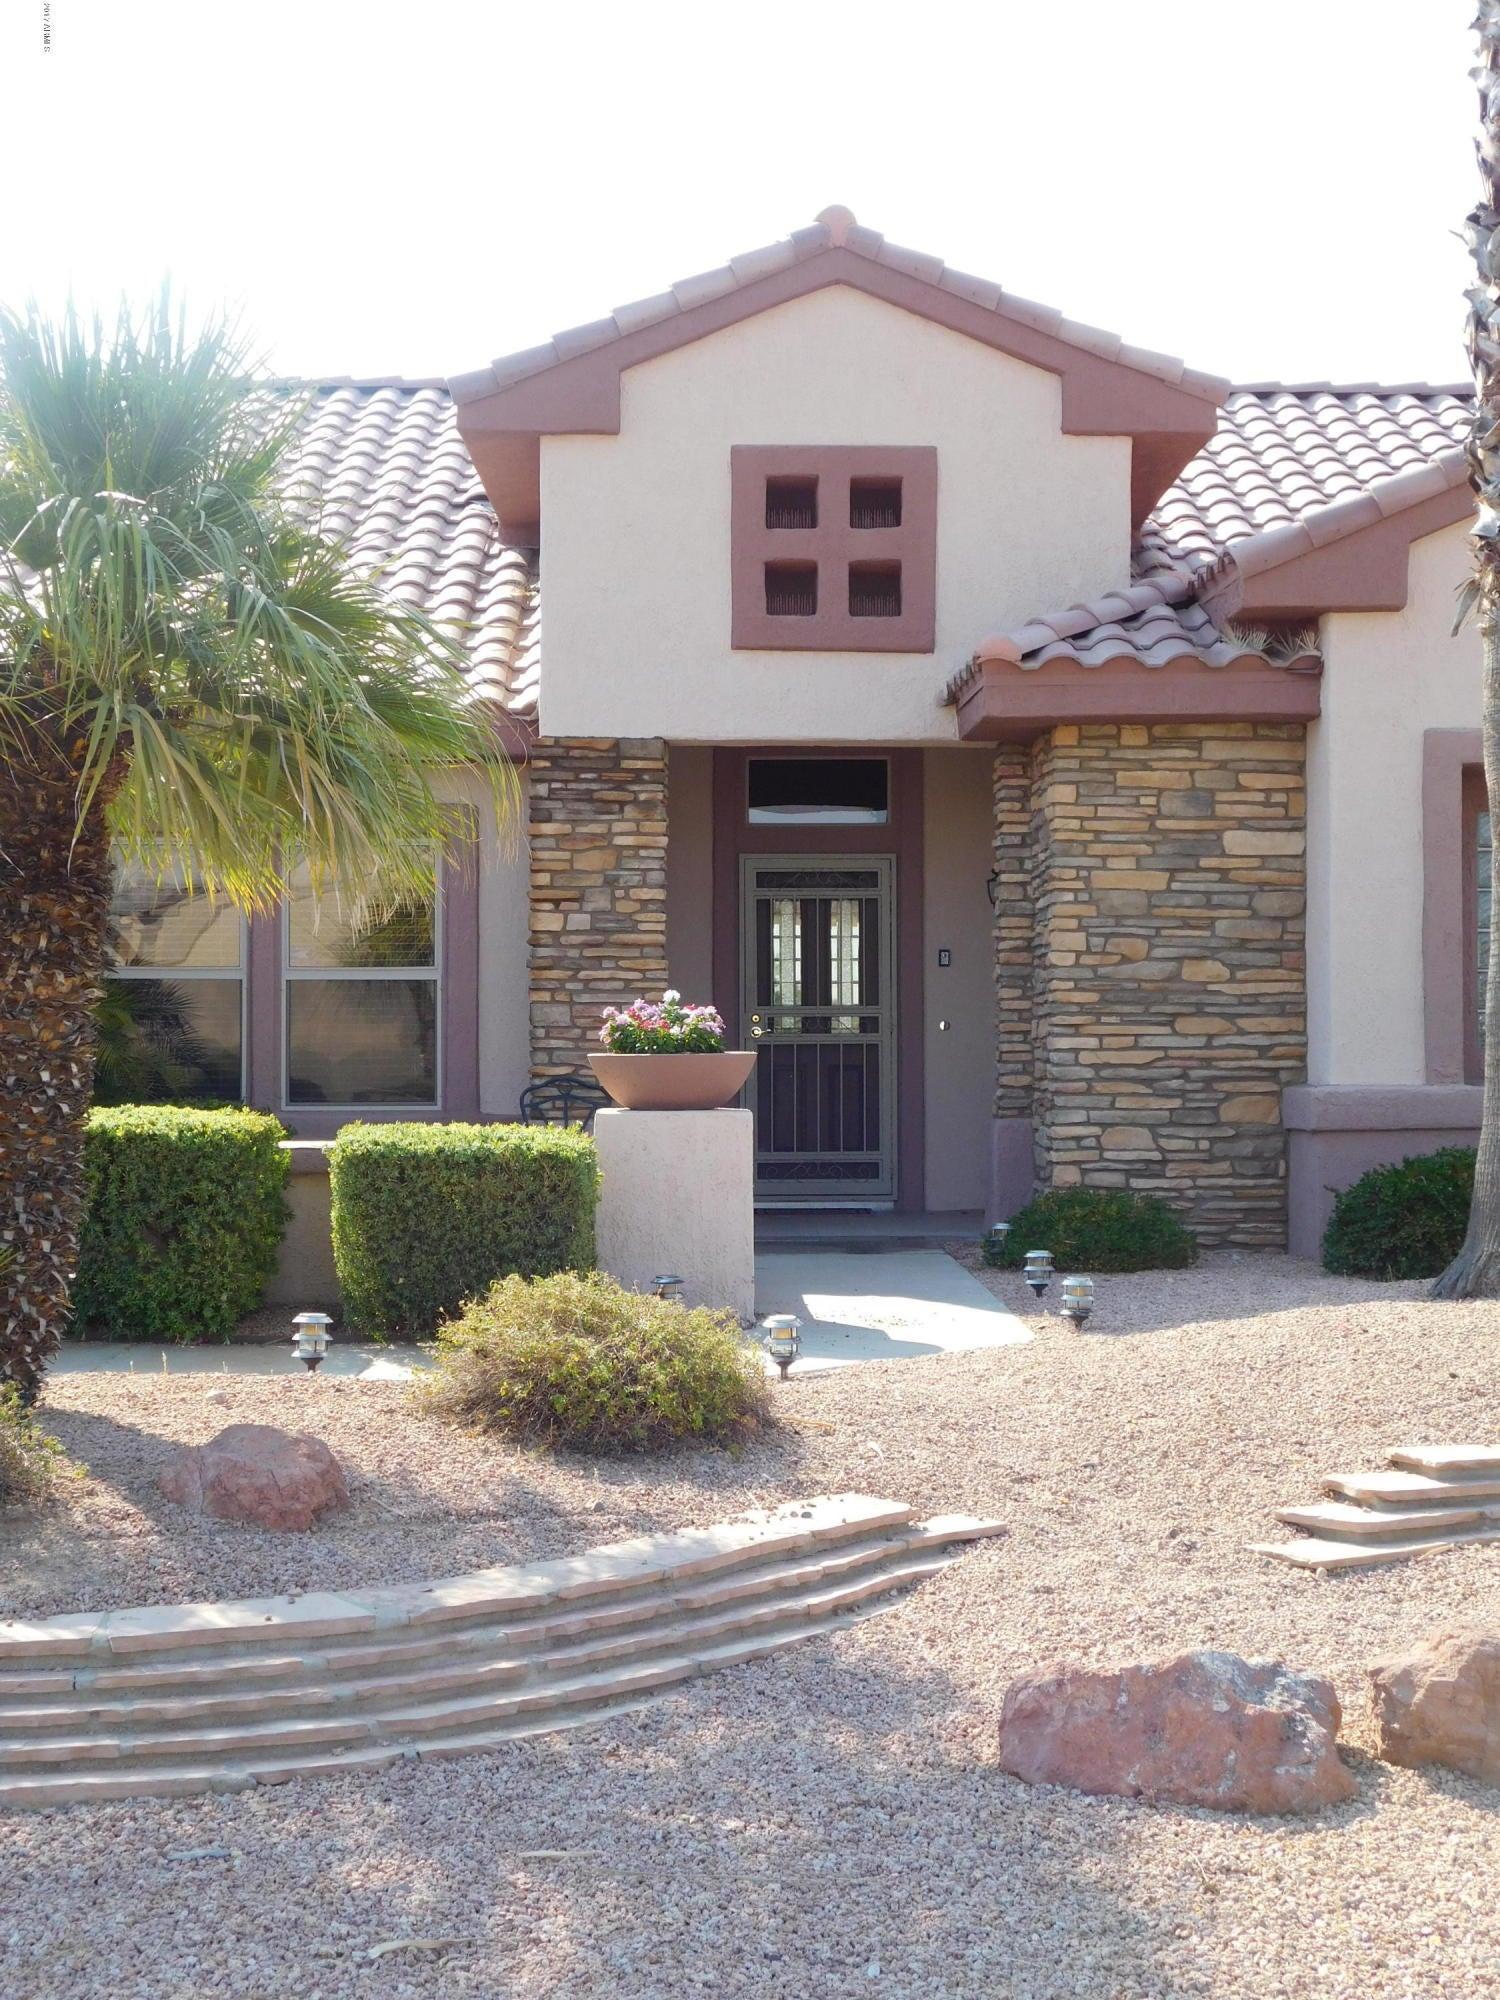 20035 N TEALSTONE Drive, Surprise, AZ 85374